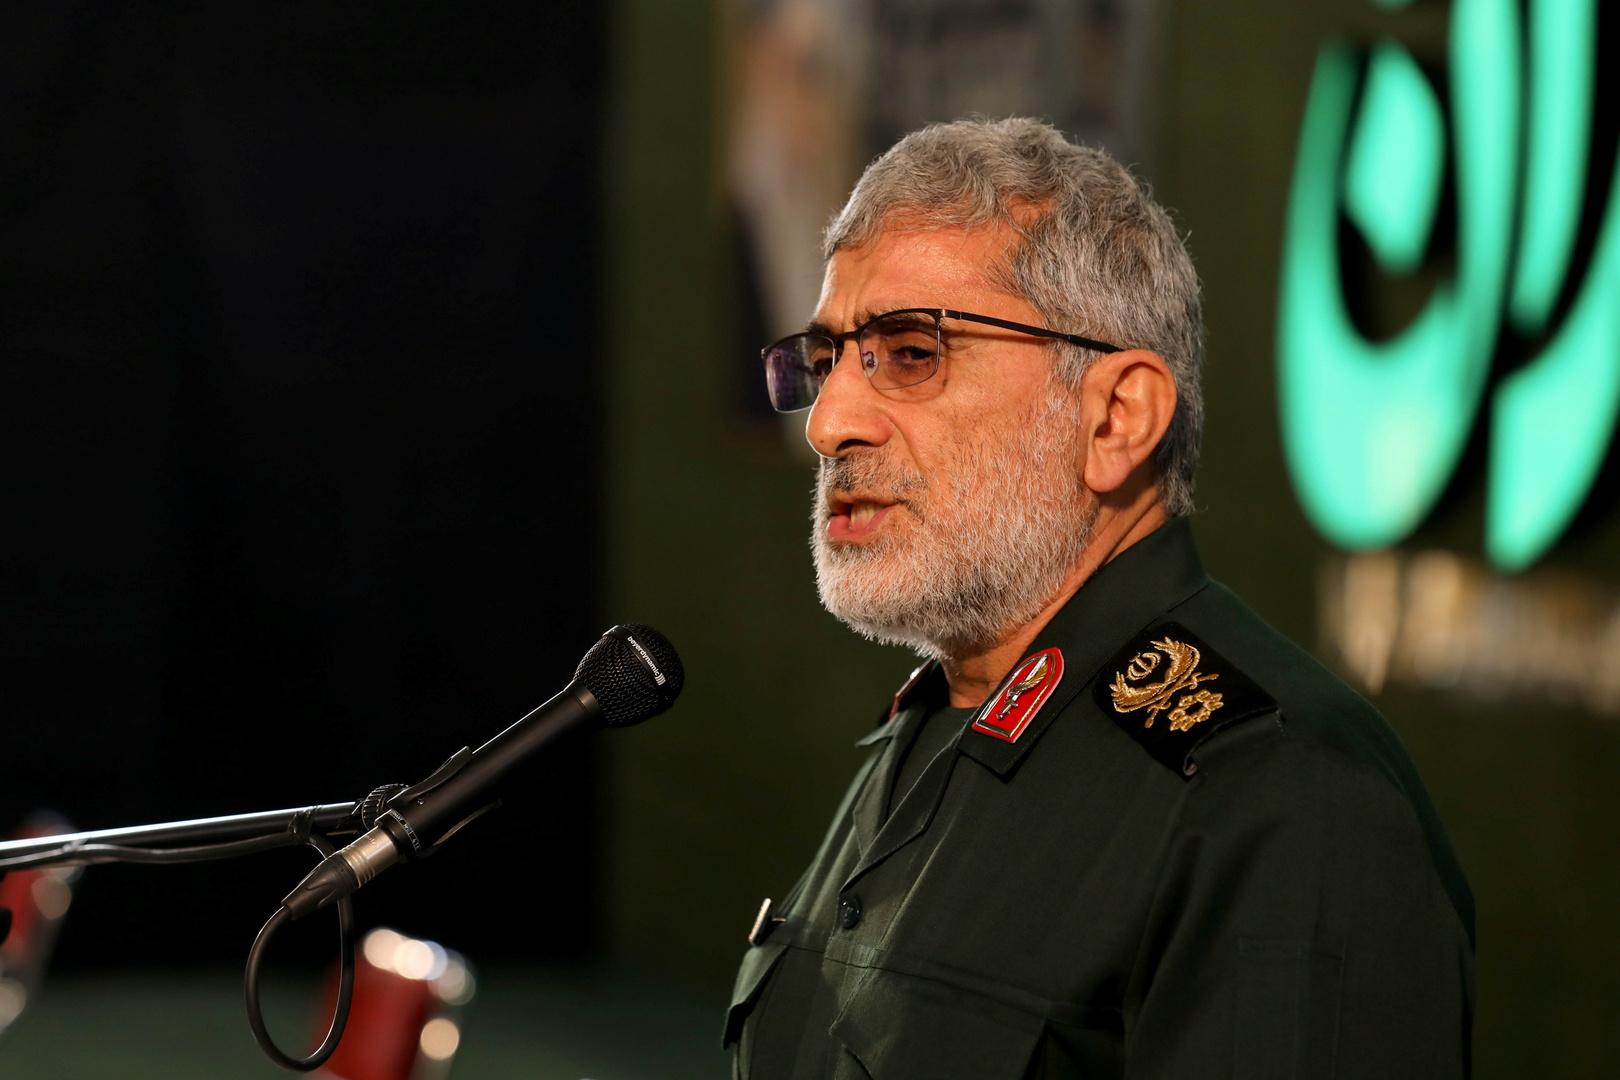 قائد فيلق القدس في الحرس الثوري الإيراني إسماعيل قاآني